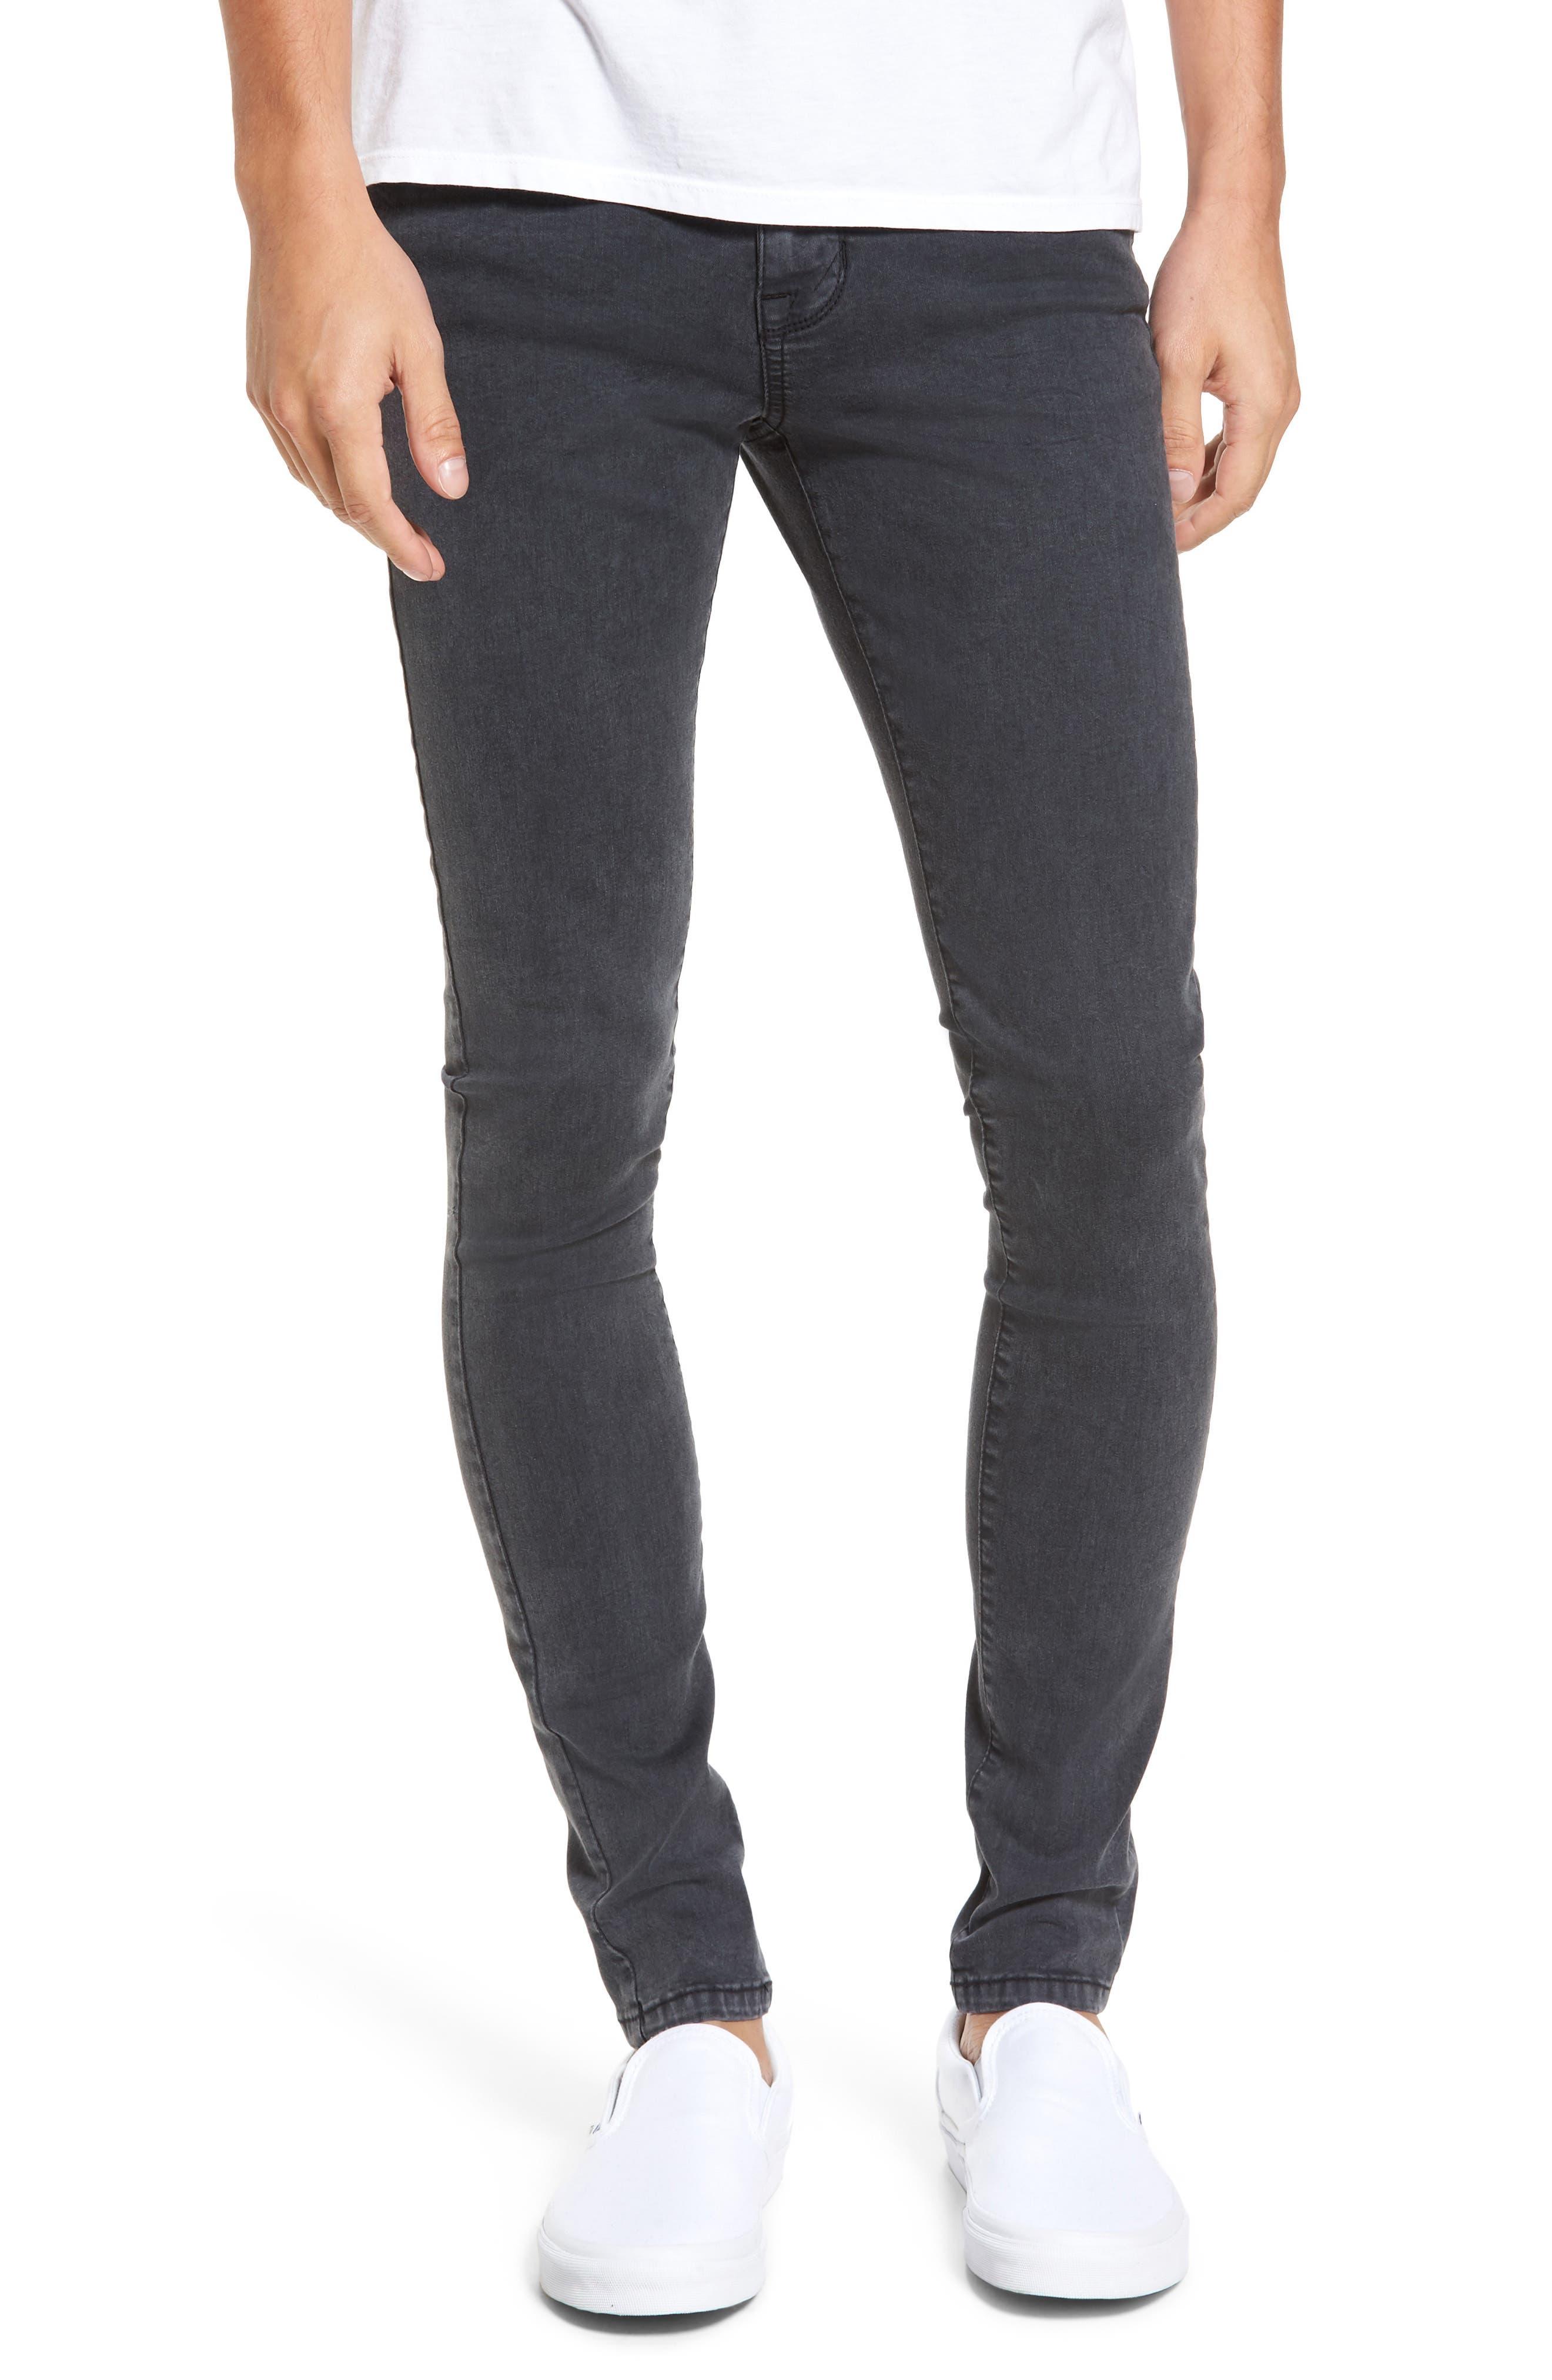 Leroy Slim Fit Jeans,                         Main,                         color, 020